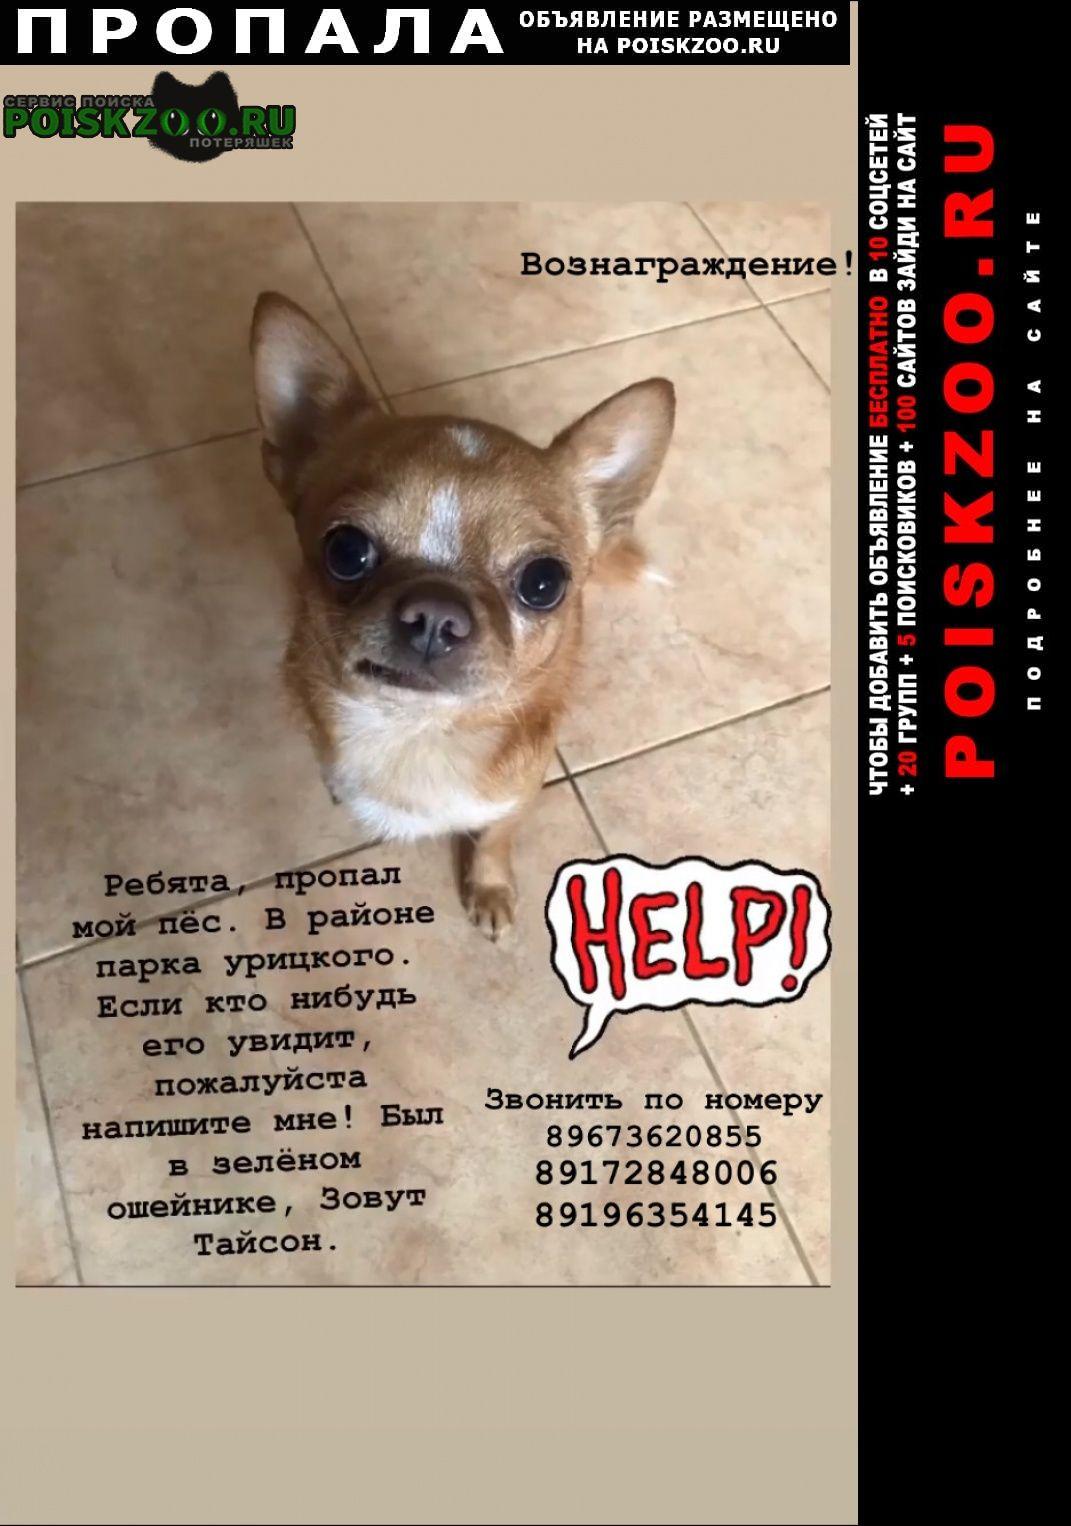 Пропала собака Казань